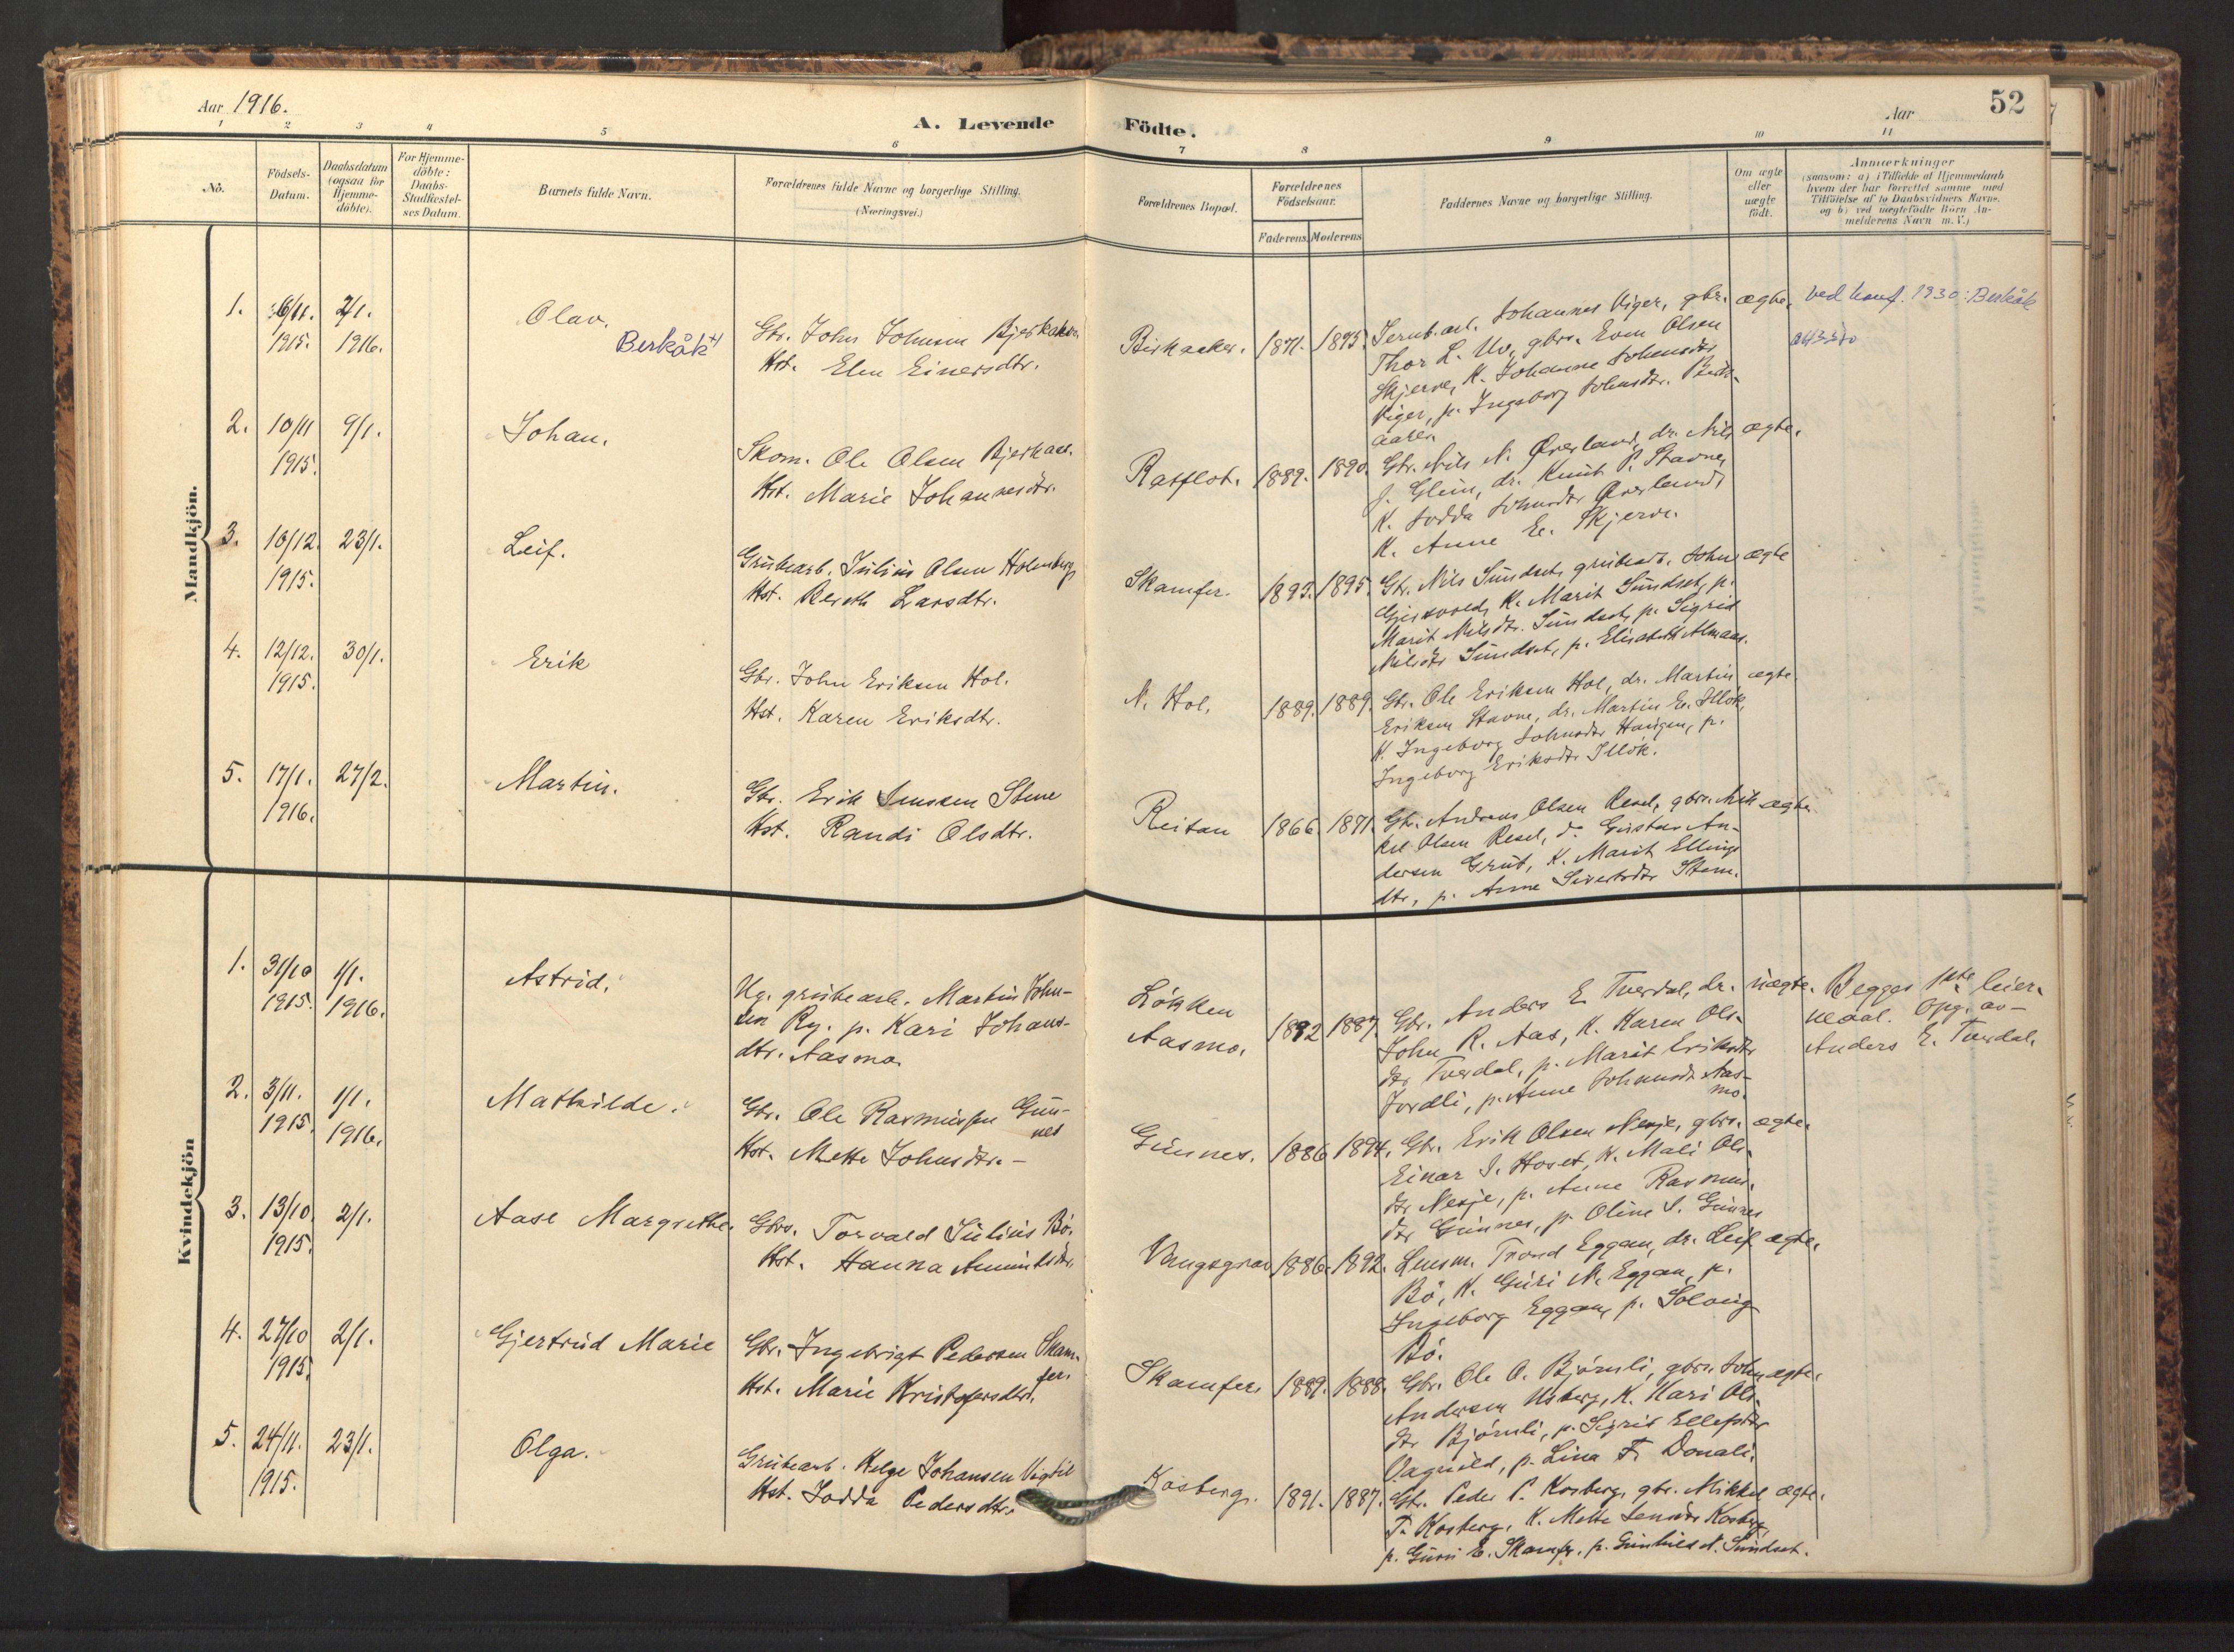 SAT, Ministerialprotokoller, klokkerbøker og fødselsregistre - Sør-Trøndelag, 674/L0873: Ministerialbok nr. 674A05, 1908-1923, s. 52